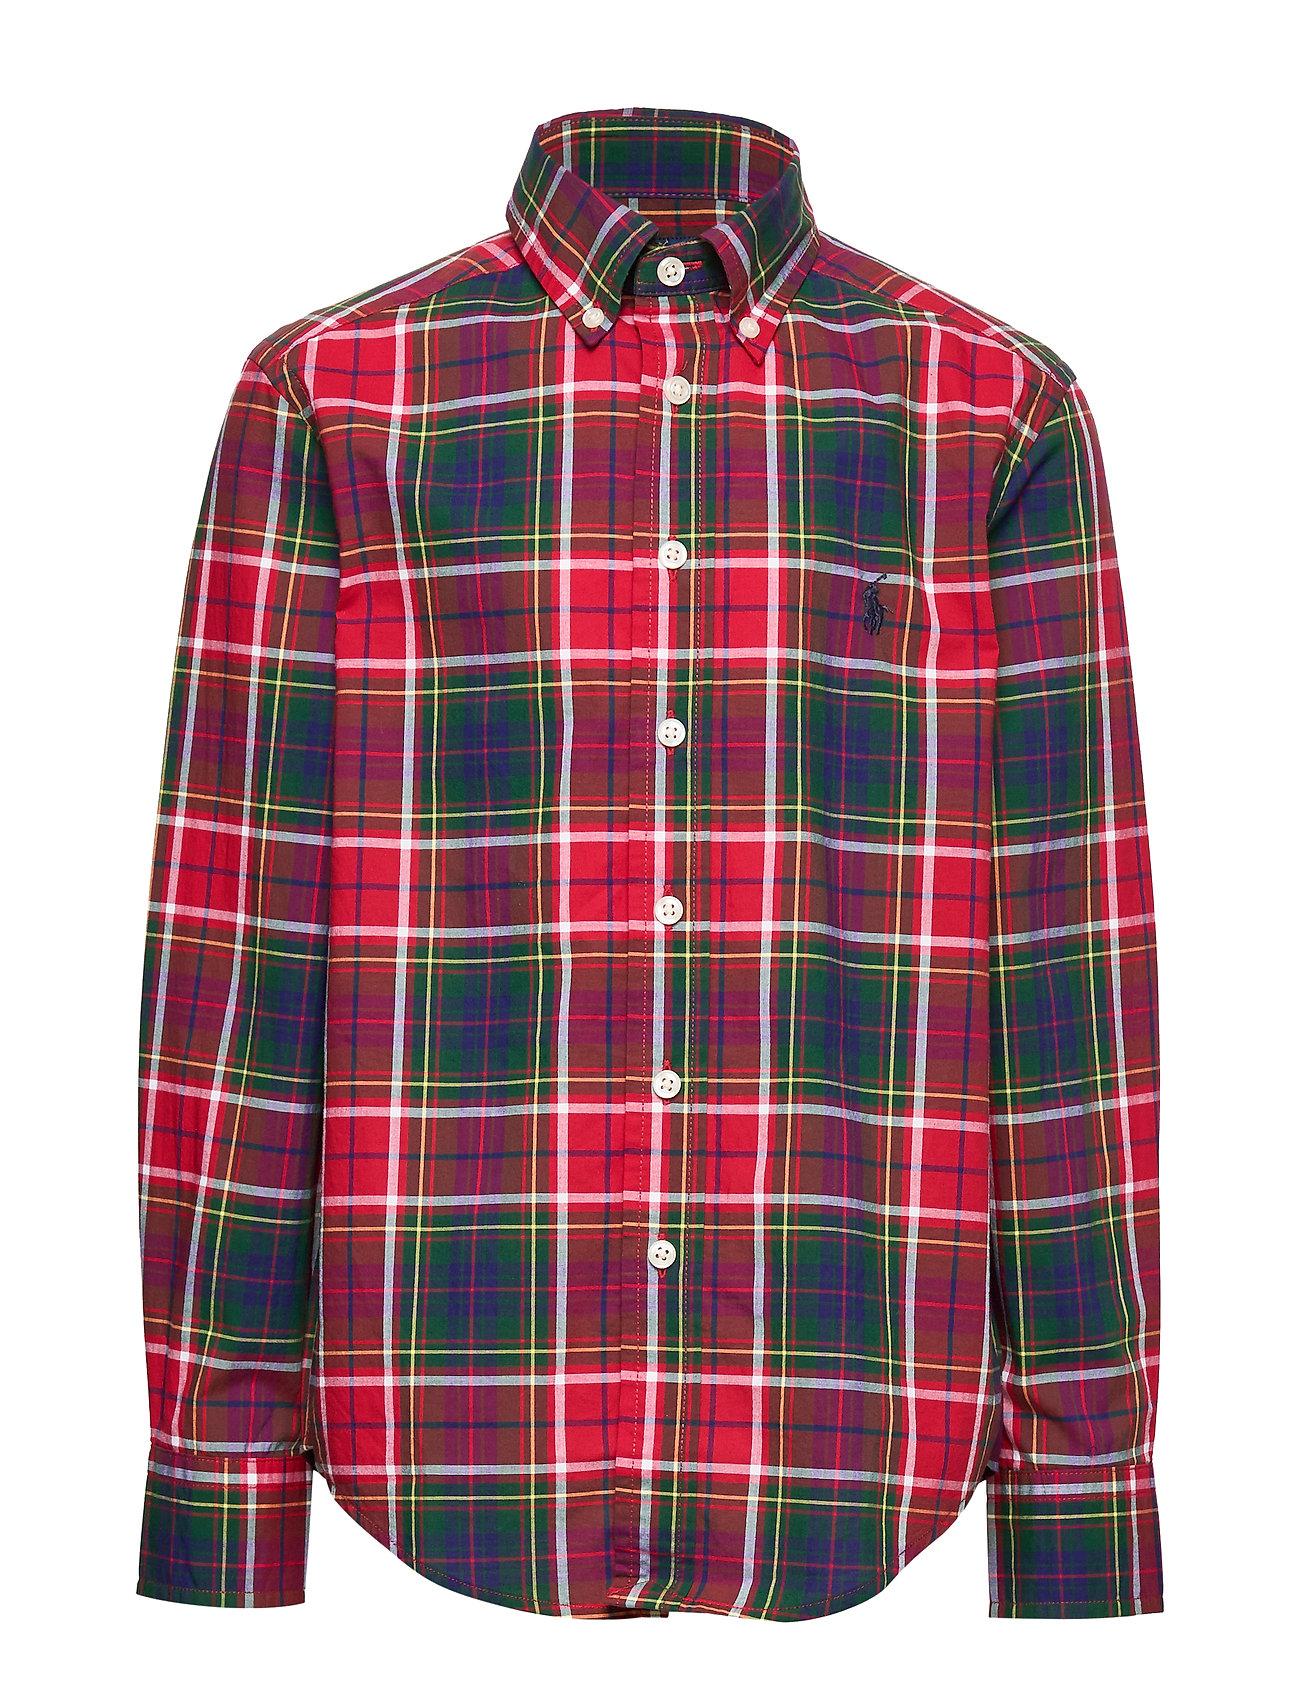 Ralph Lauren Kids Plaid Cotton Poplin Shirt - RED/GREEN MULTI